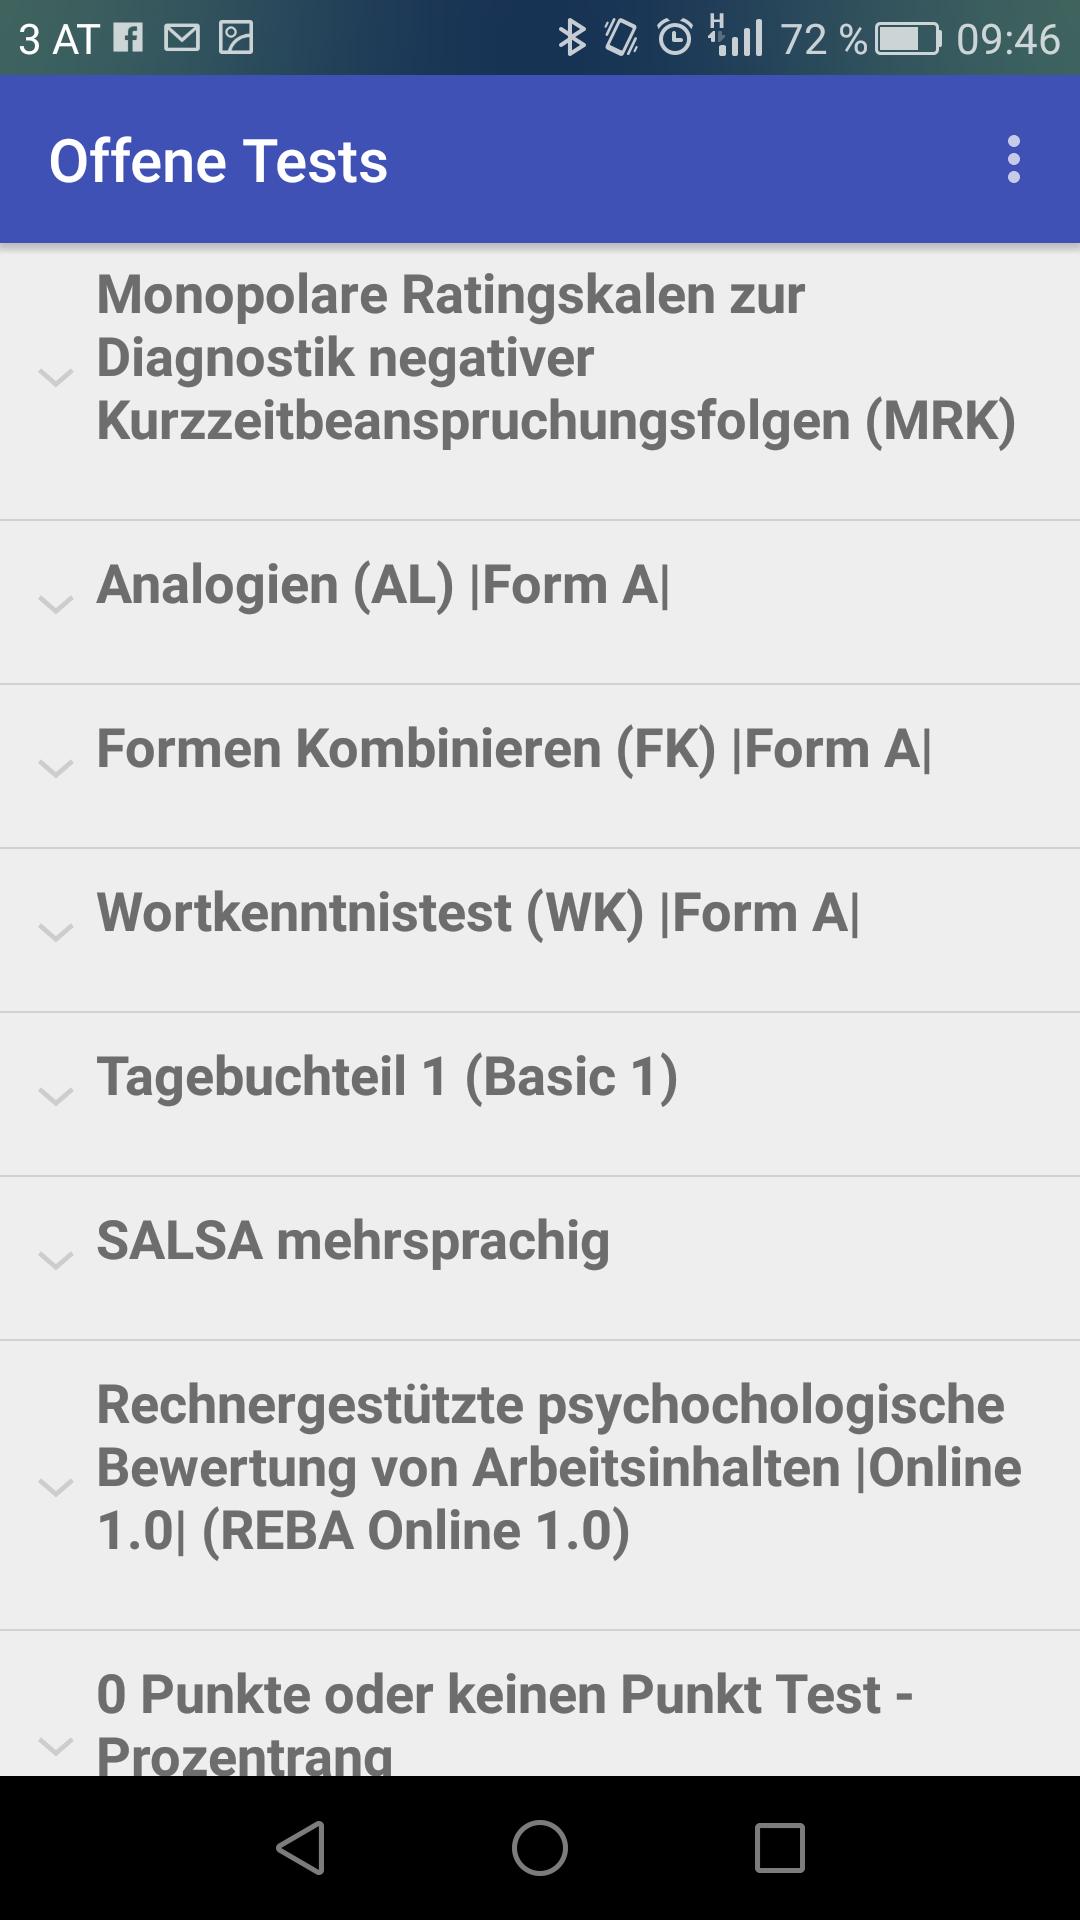 Outstanding Psychologische Bewertung Embellishment - FORTSETZUNG ...